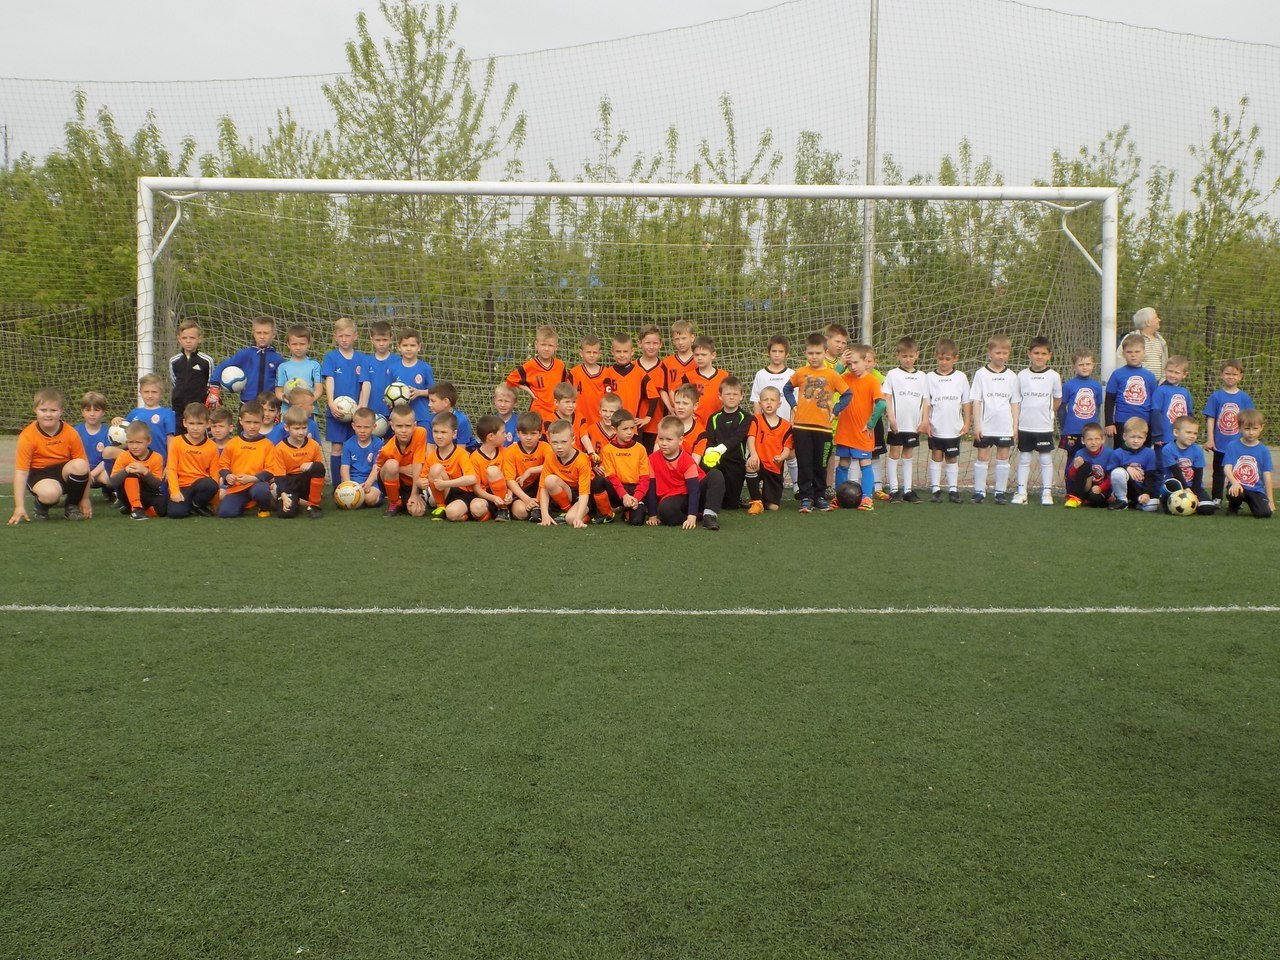 Расписание игр Первенства Городского округа Подольск по футболу среди детских команд 2011 г.р.